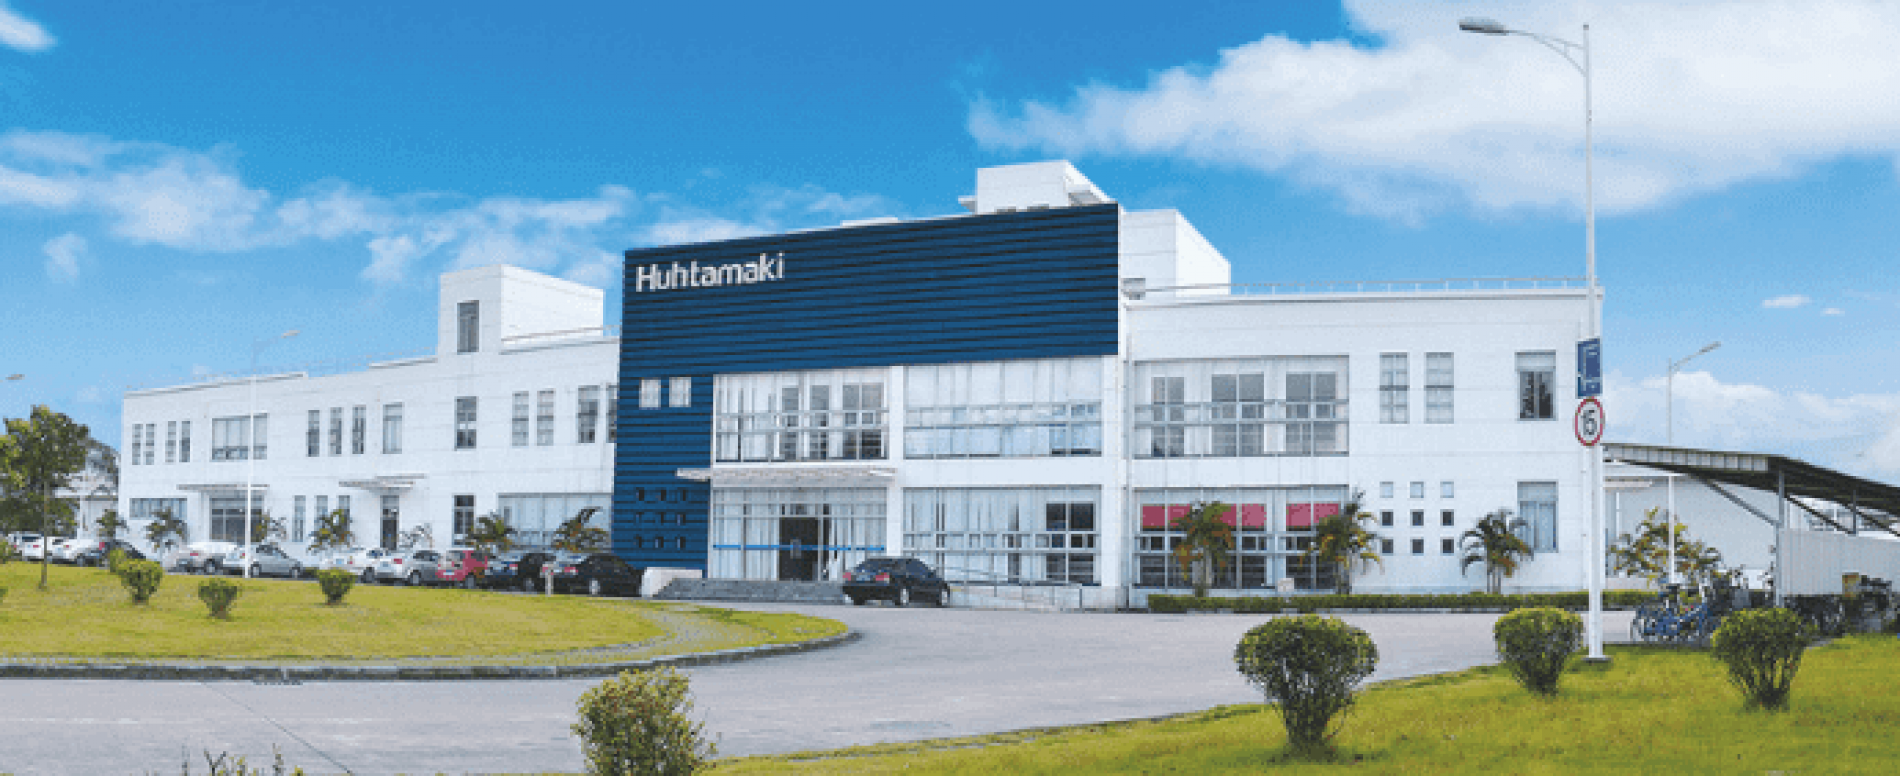 Huhtamaki annuncia chiusura dei siti poco produttivi